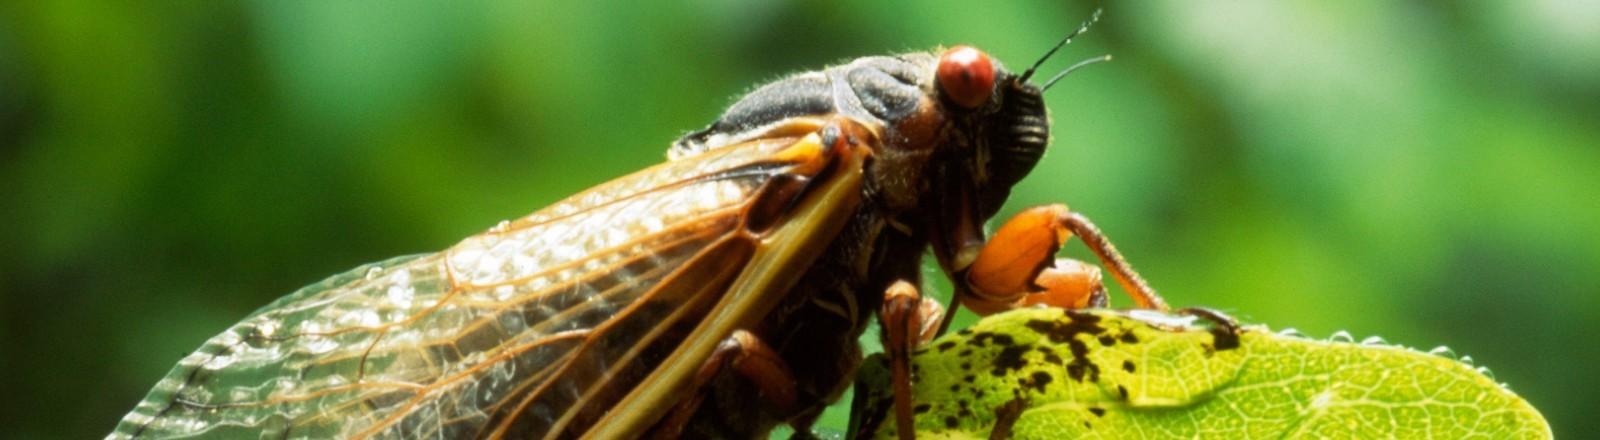 Eine Singzikade (Magicicada septendecim) sitzt auf einem Blatt.